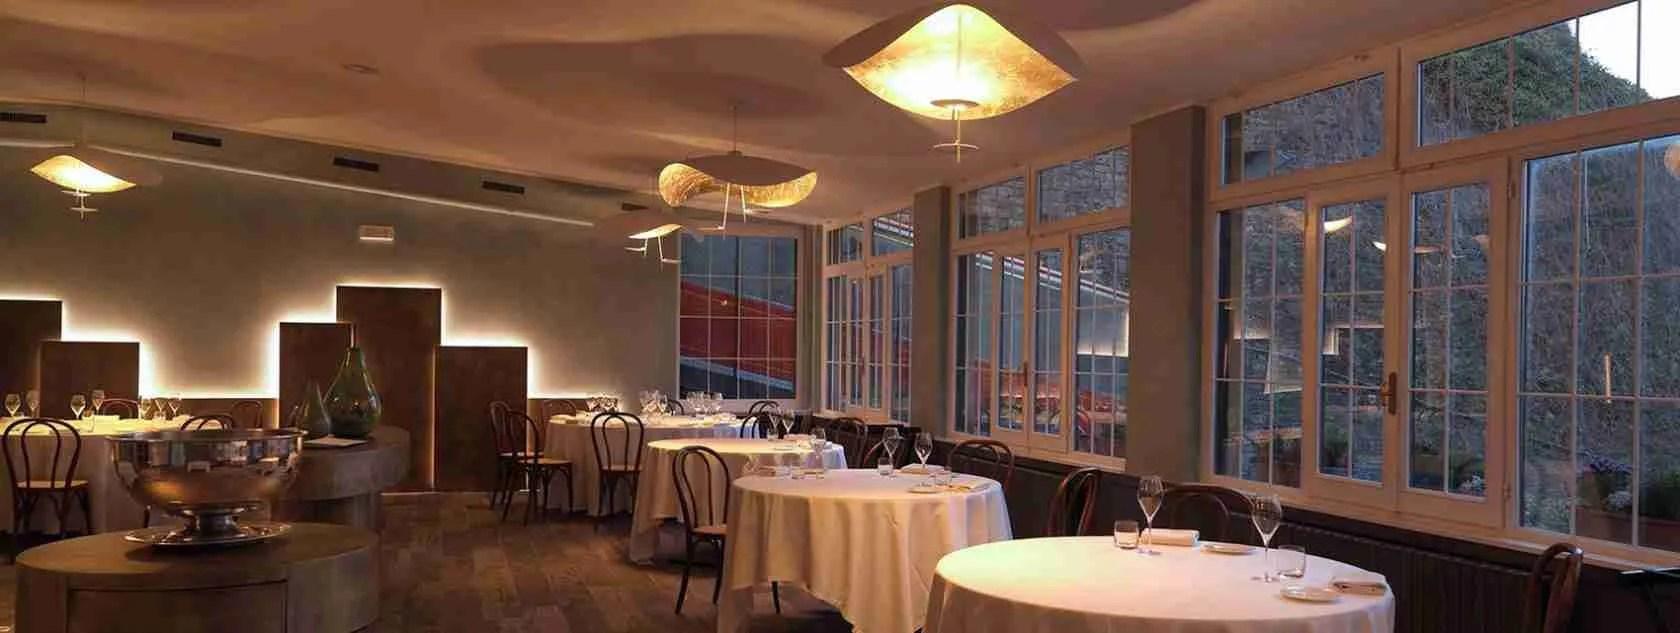 Per una cena importante in compagnia di una escort Bergamo, uno dei ristoranti più rinomati è Il Casual di Bergamo Alta.